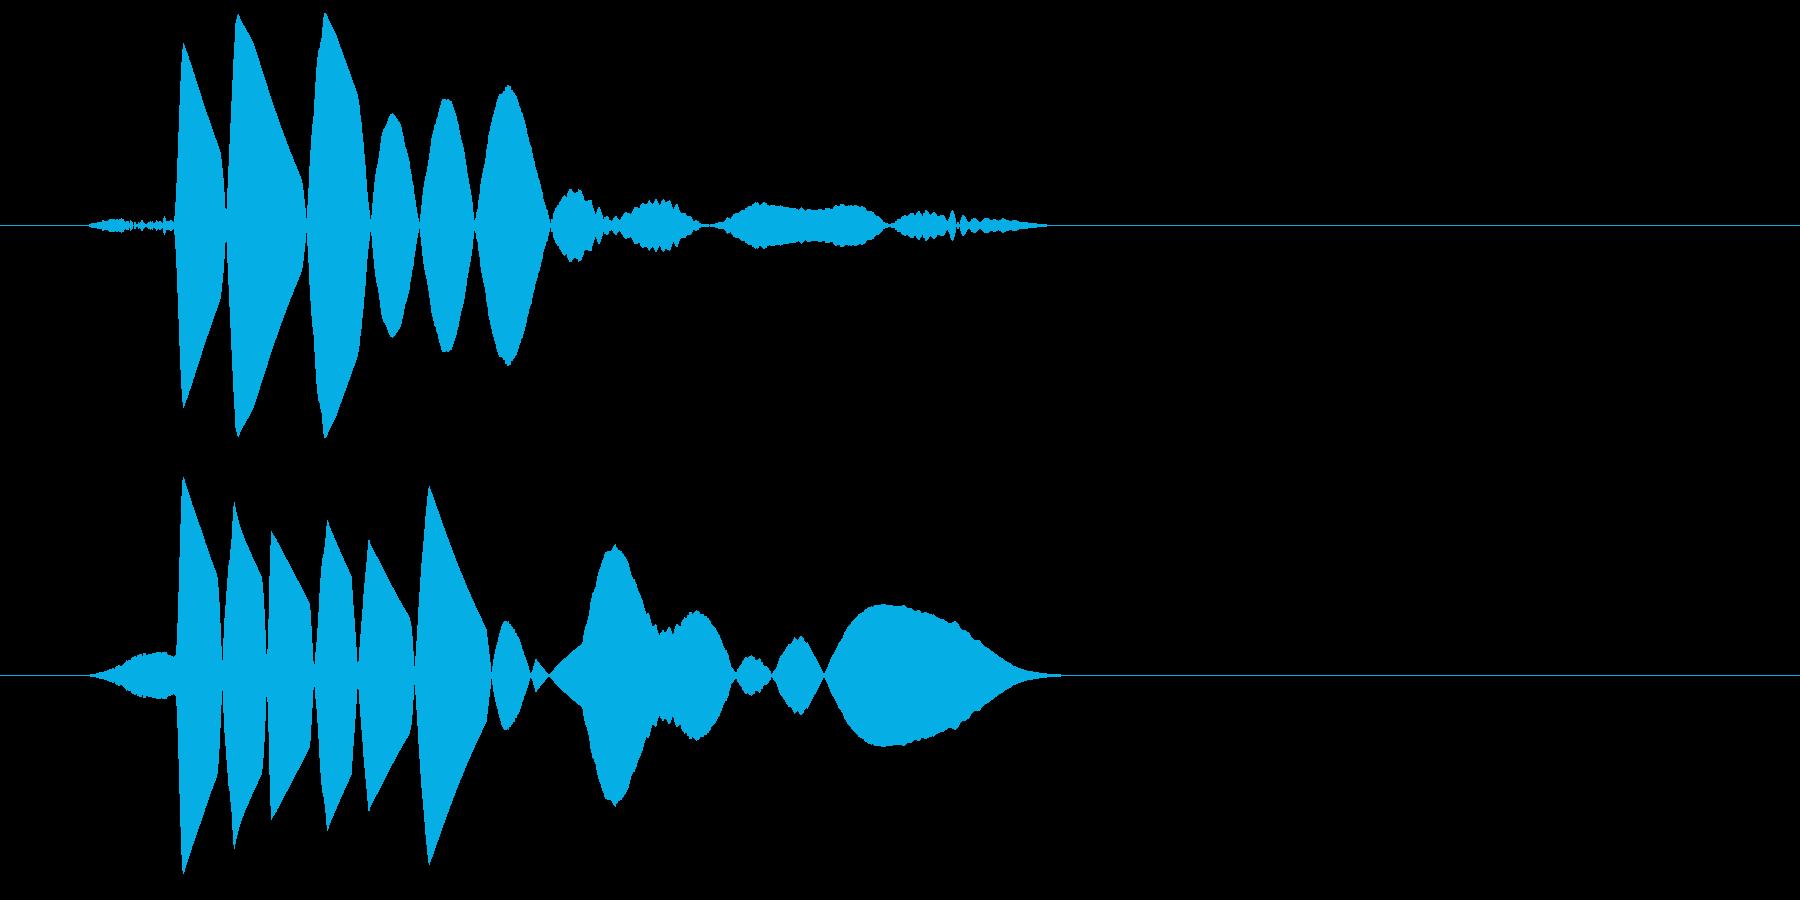 ドン(低い打撃音、物を落とした音)の再生済みの波形